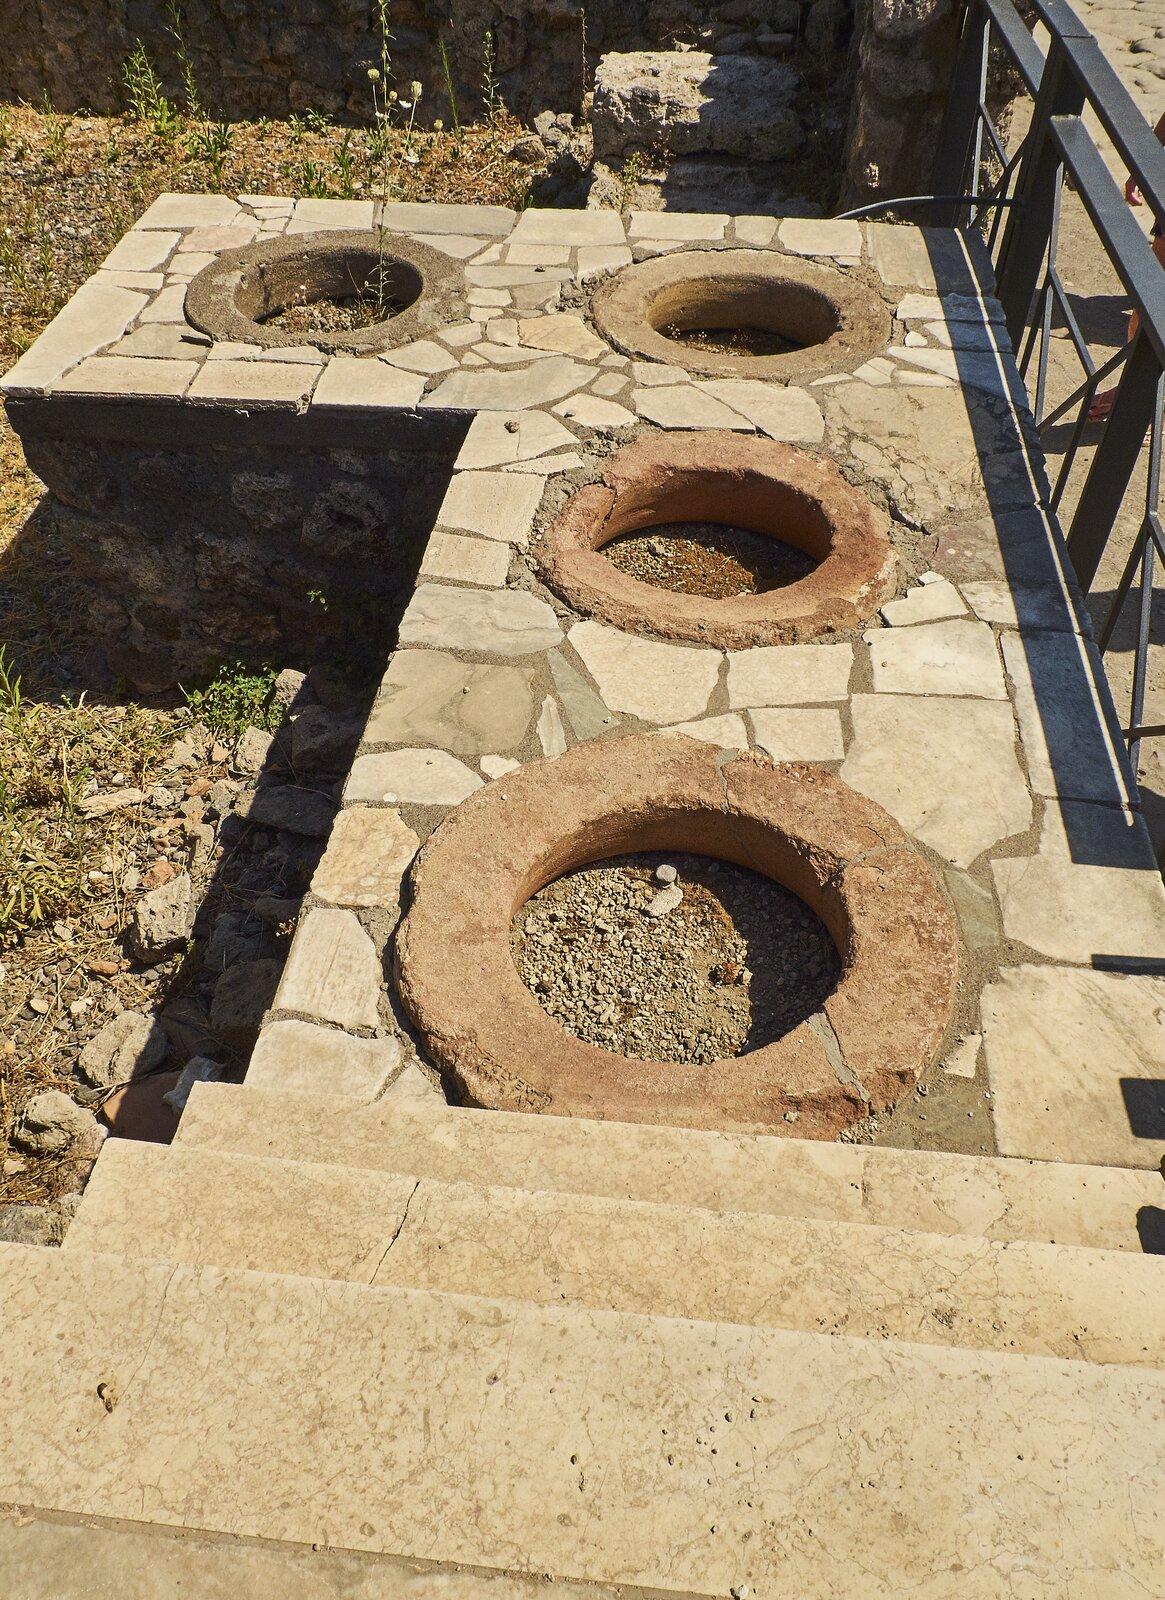 Kolorowa ilustracja przedstawia aktualny stan zabudowań Pompejów. Na fotografii ukazano szeroki kamienny mur, na którym widoczne są omurowane okrągłe otwory, być może są to paleniska.